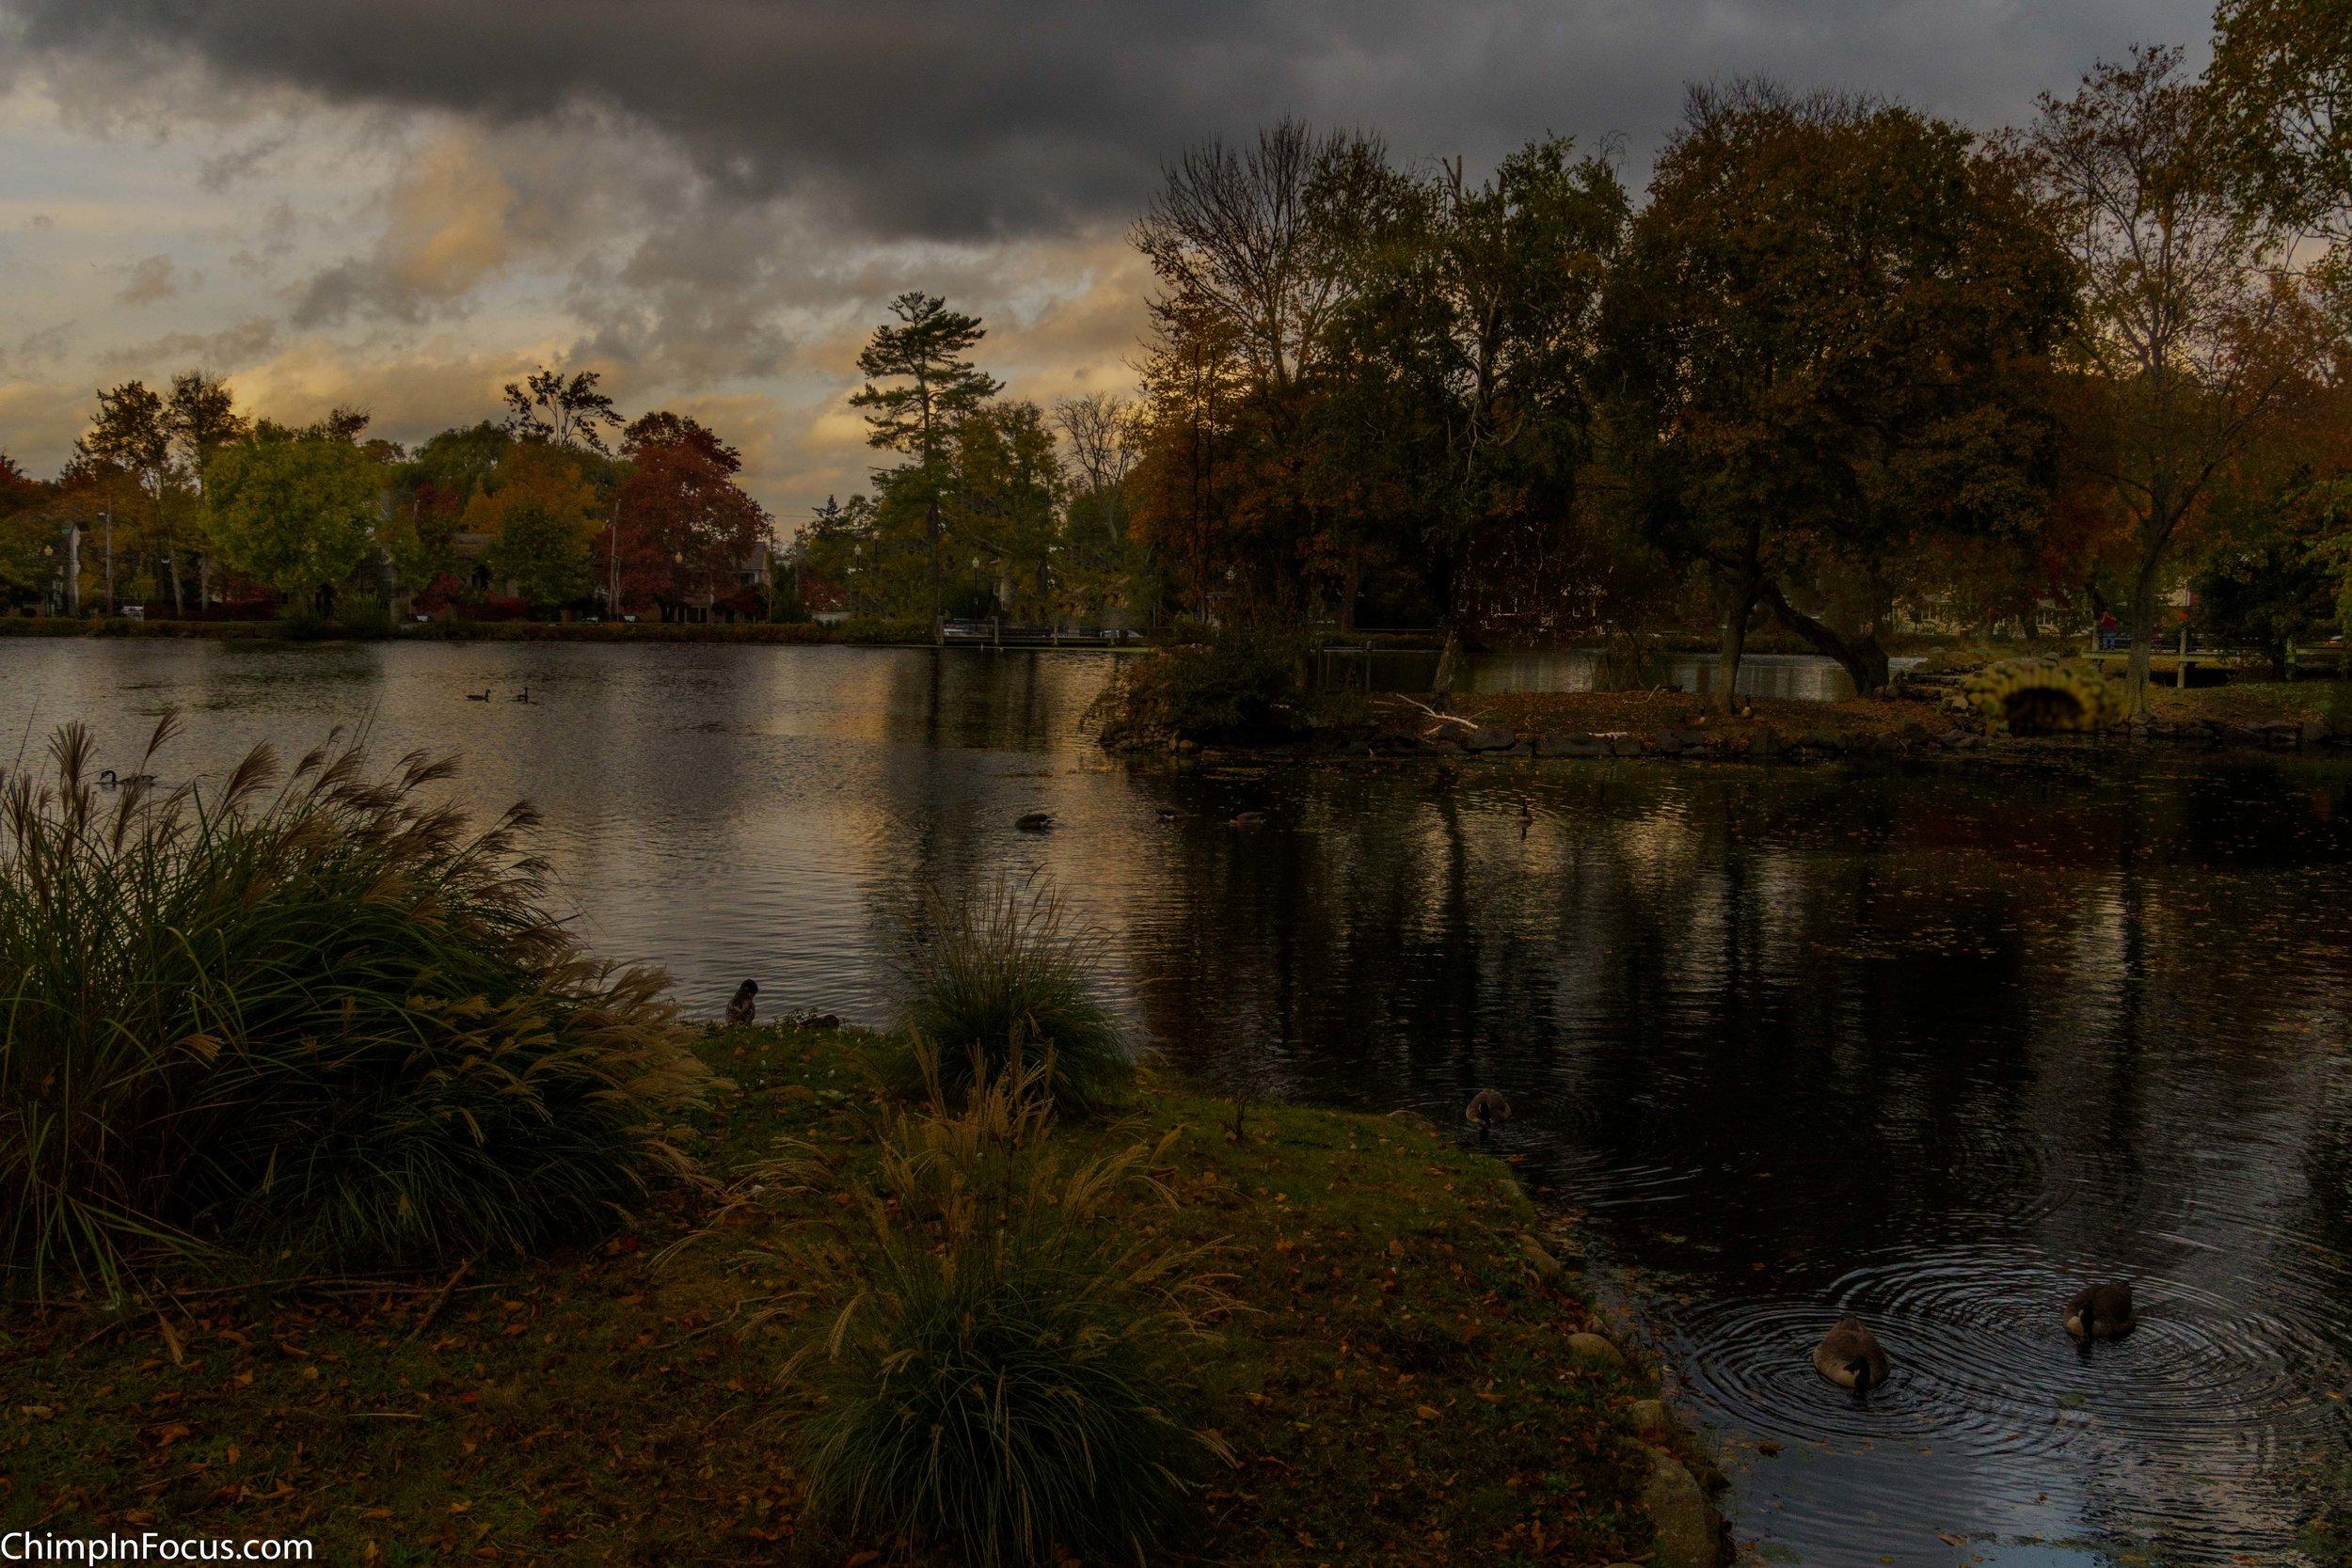 Dark Skies over Park